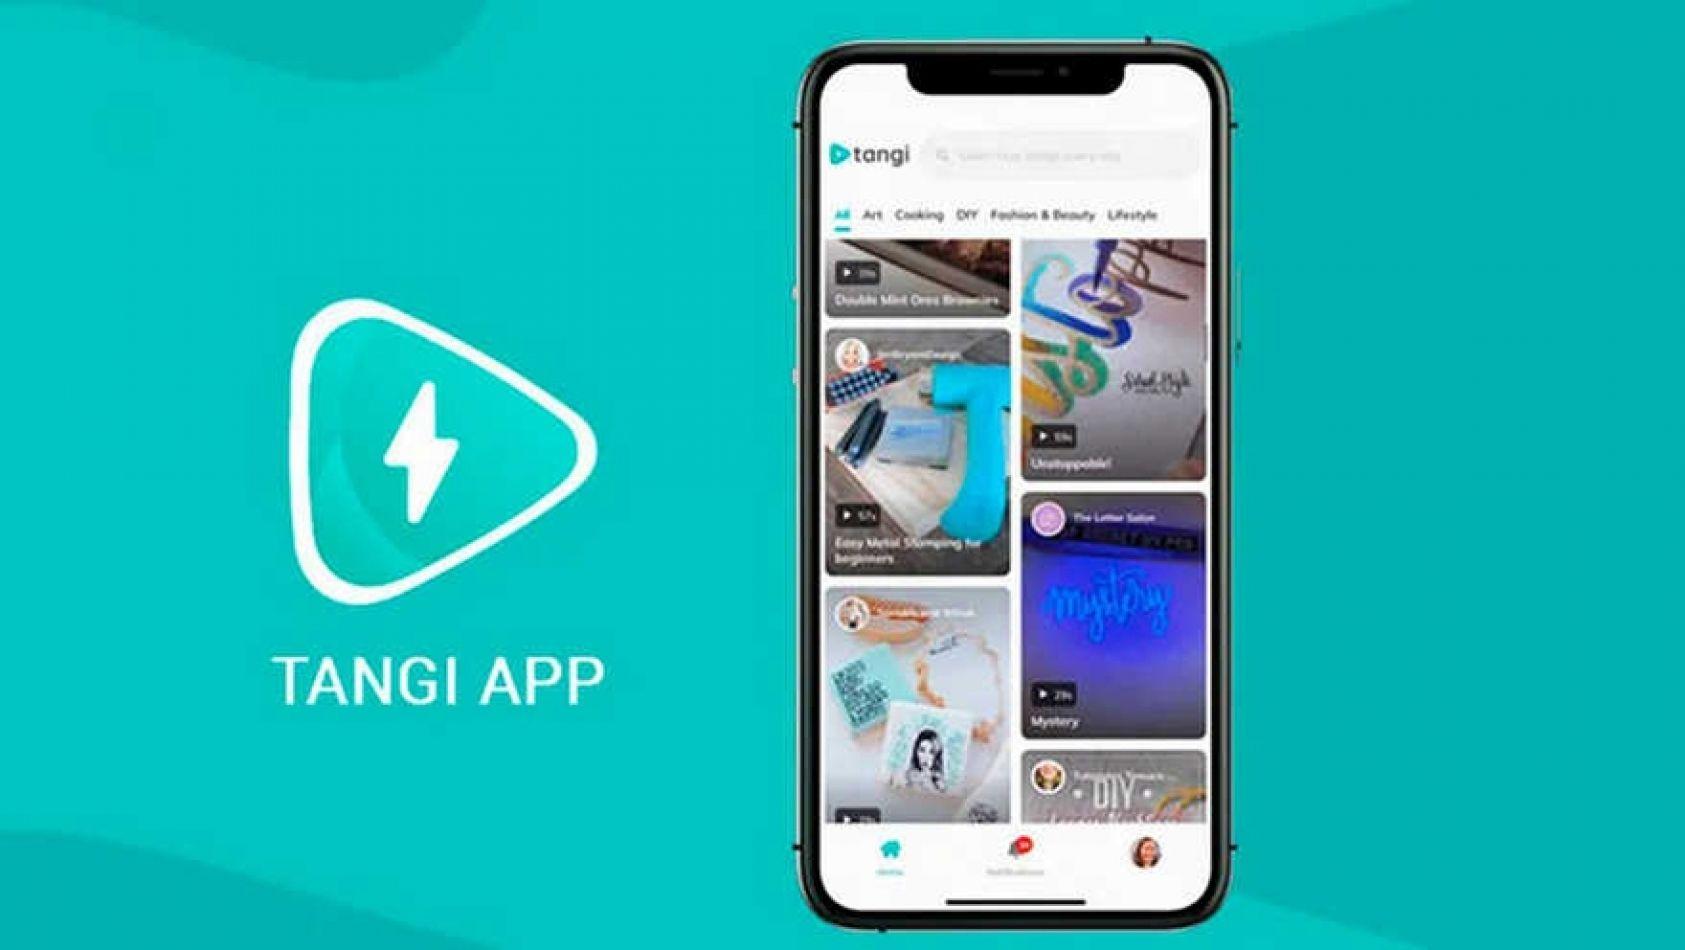 La nueva red social que mezcla videos cortos como TikTok y tutoriales al estilo Pinterest